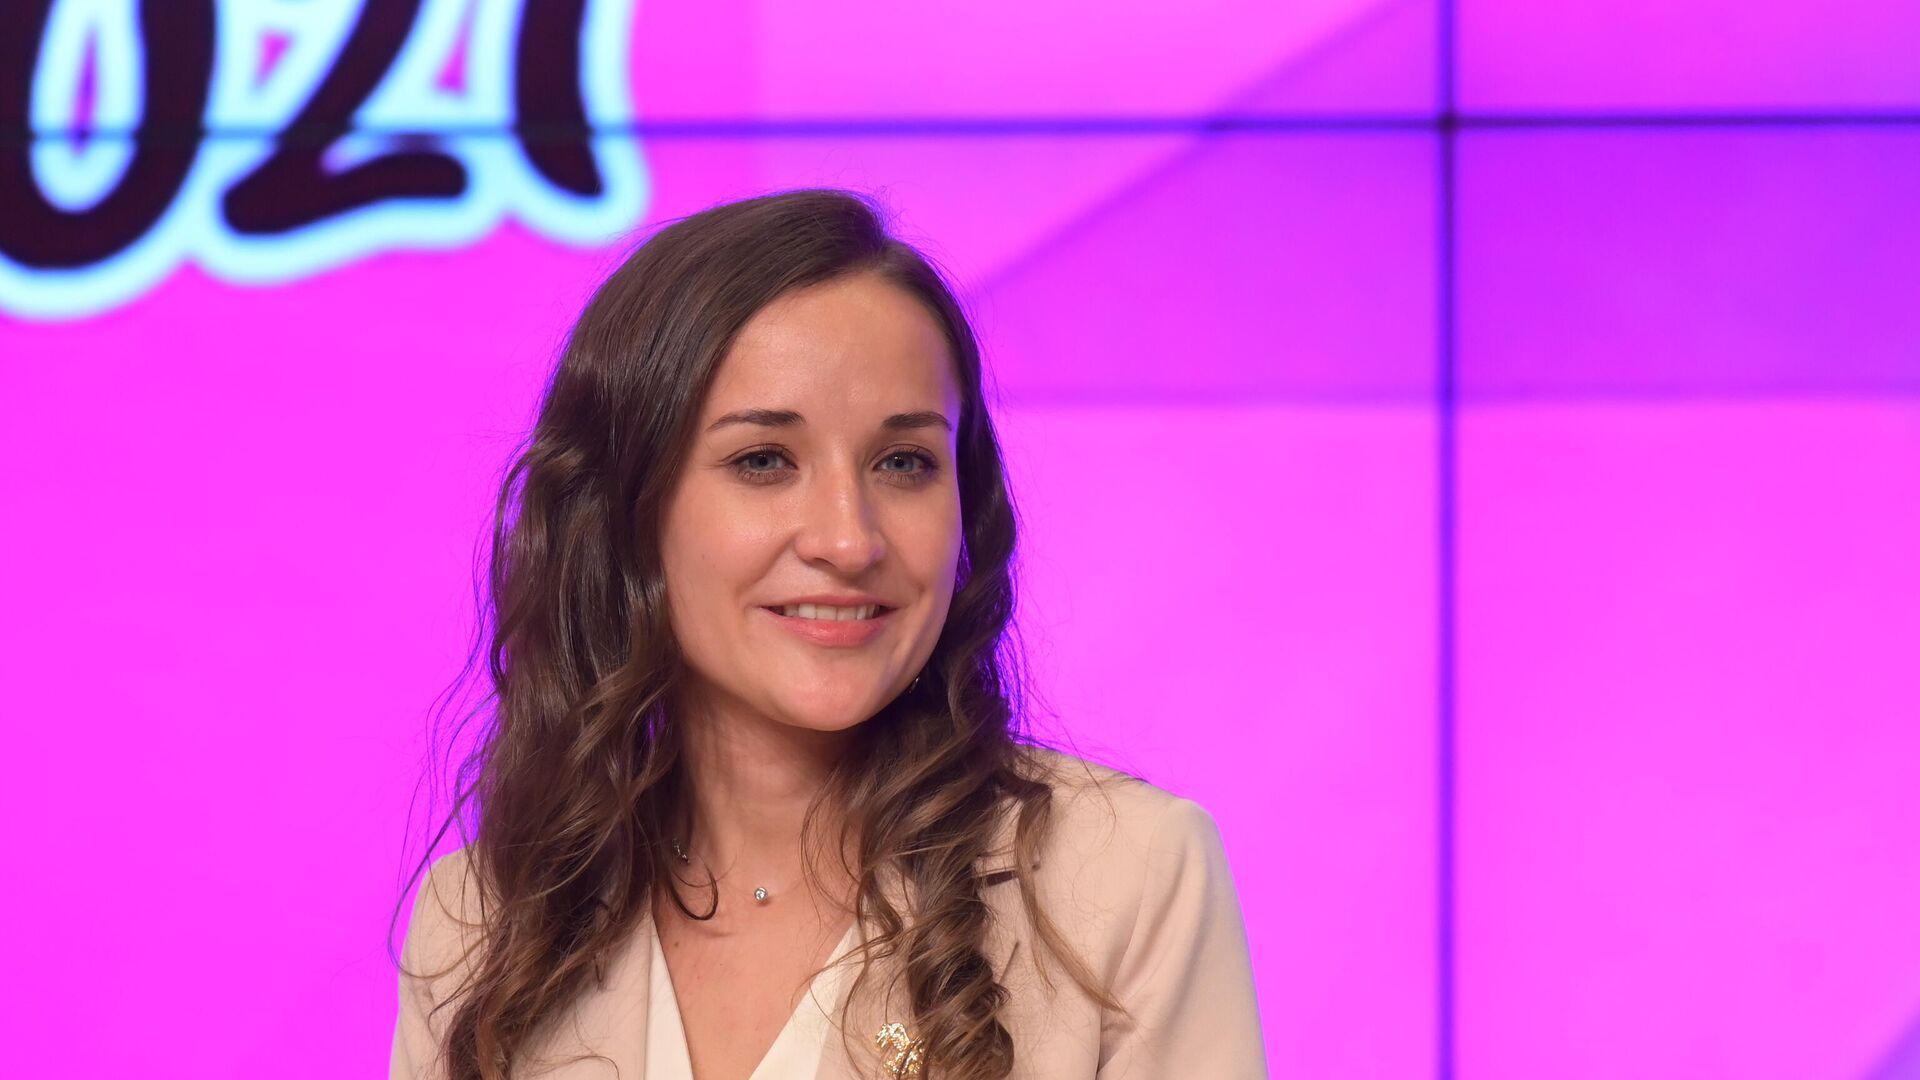 Екатерина Костылёва стала победителем конкурса Учитель года - 2021 - РИА Новости, 1920, 05.10.2021